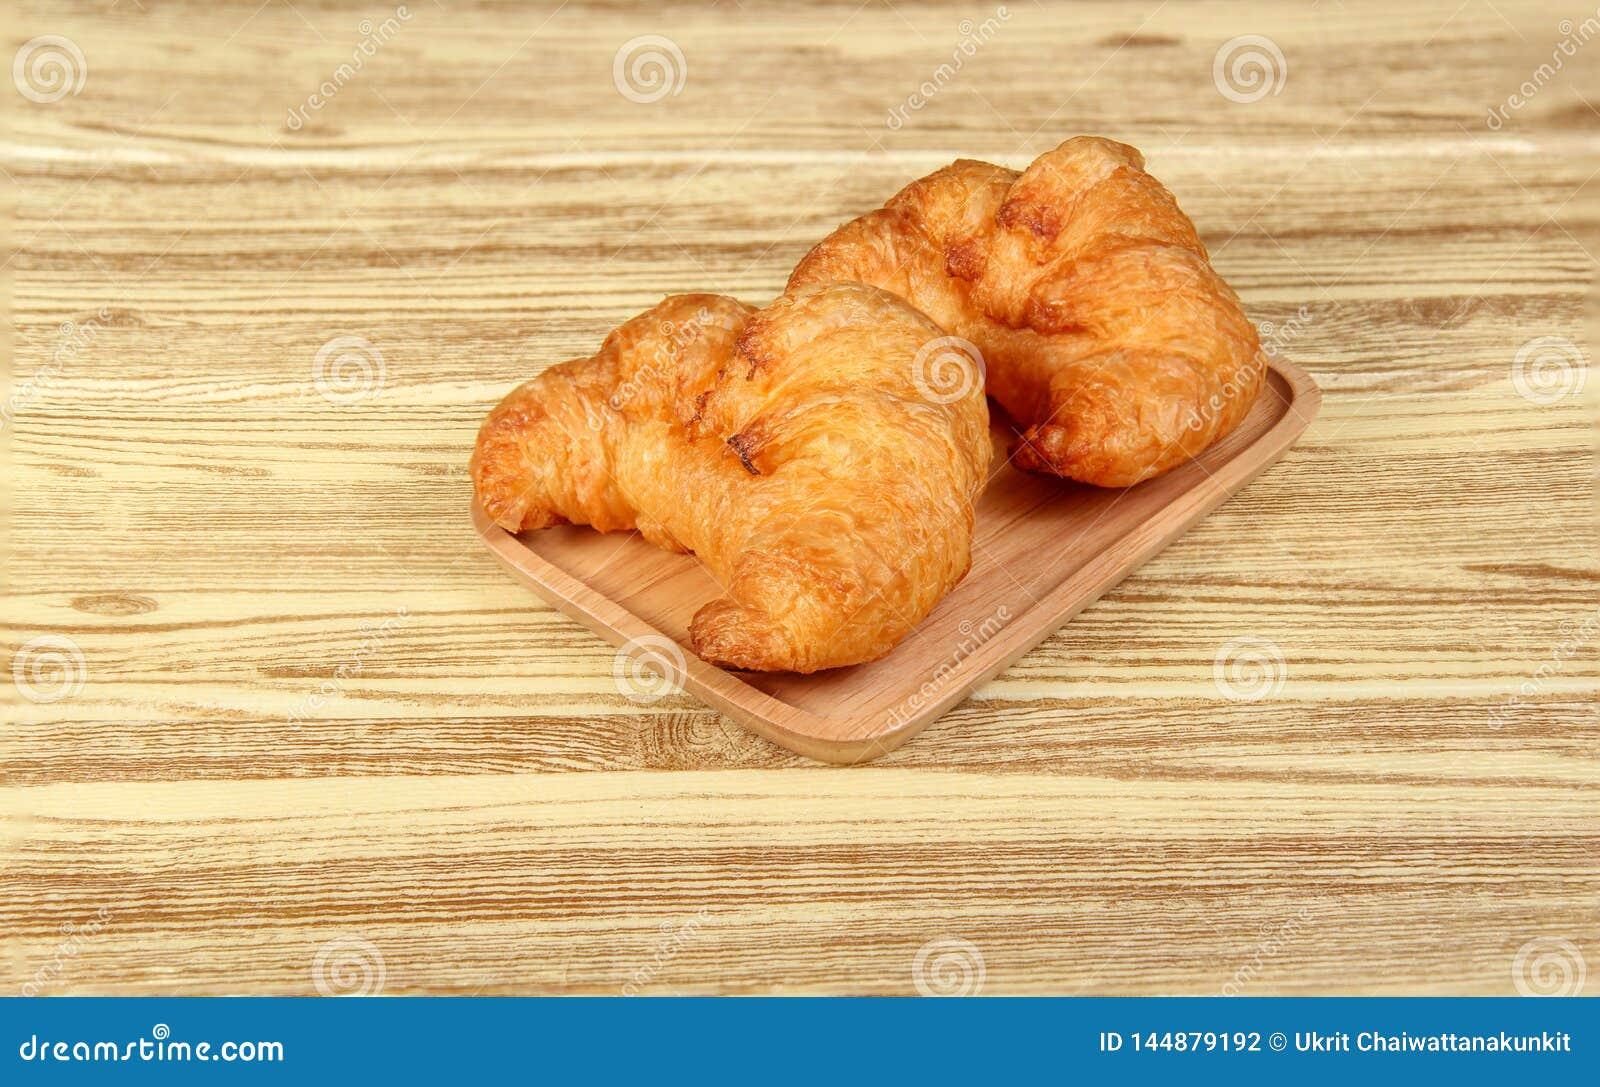 Ha cotto di recente i croissant freschi e saporiti del croissant, isolati sul fondo di legno della tavola